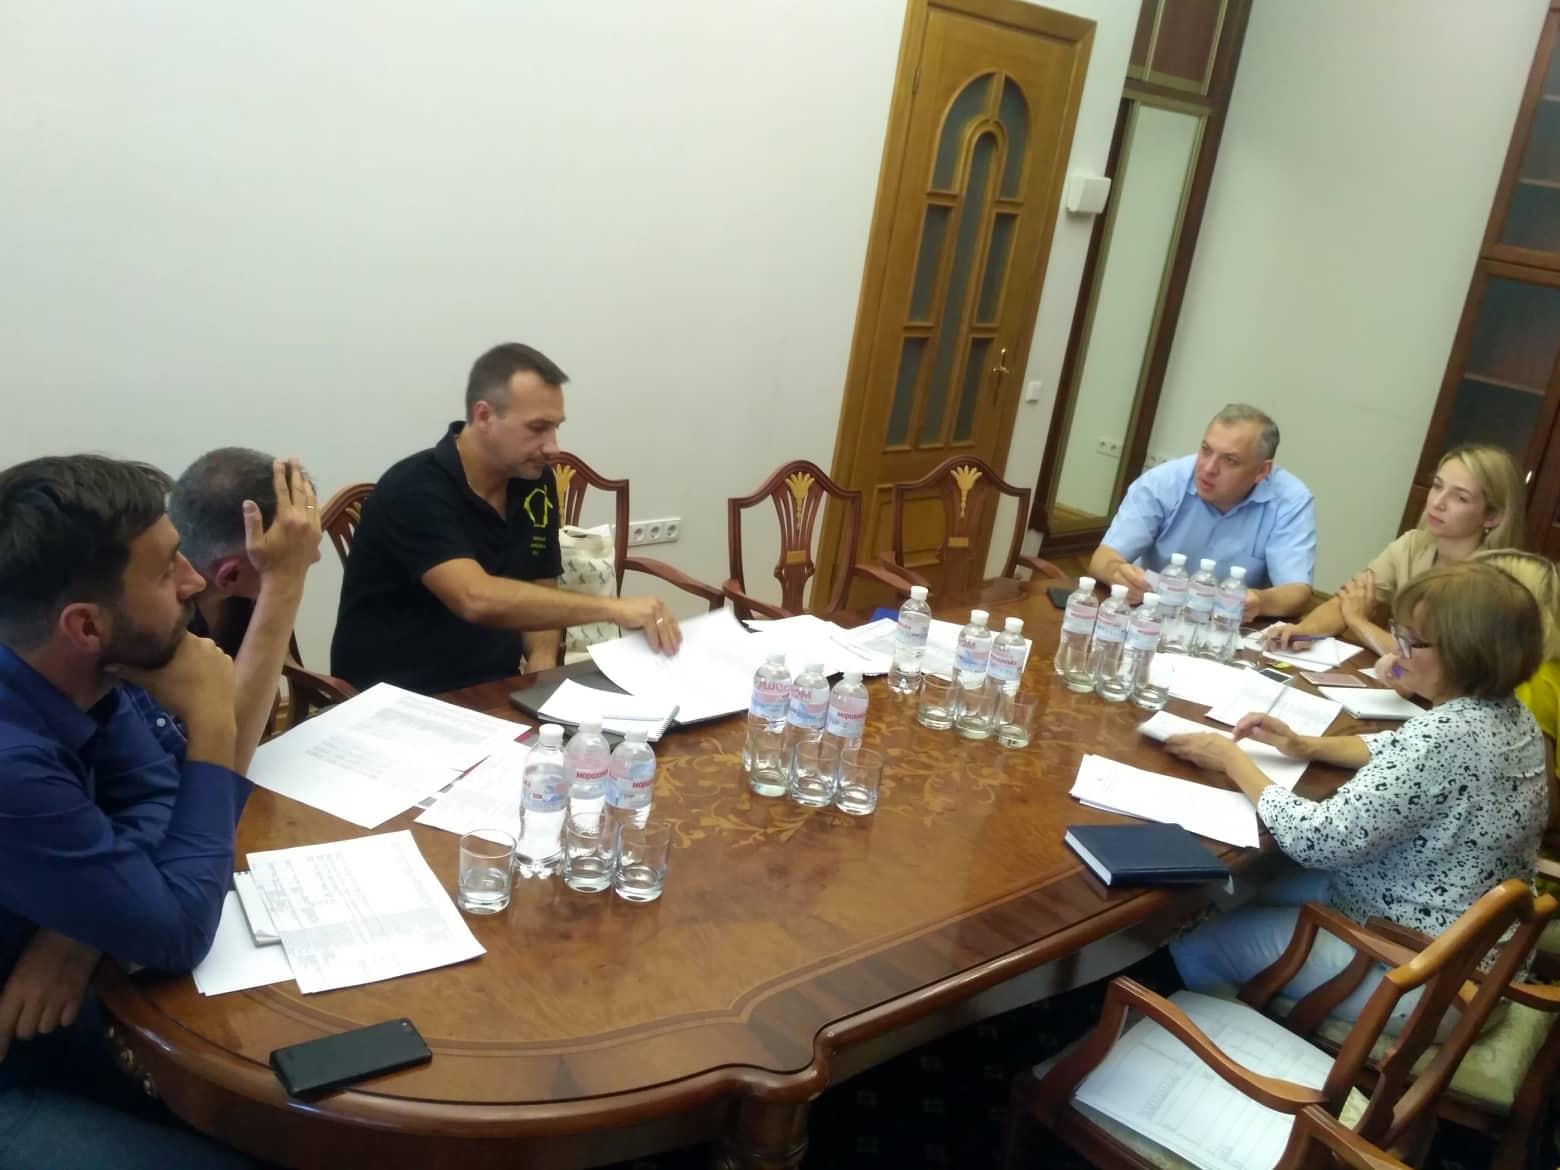 Відбулося засідання  робочої групи щодо відбору кандидатів на  навчання у Базовому тренінгу для  громадських моніторів з моніторингу місць несвободи.